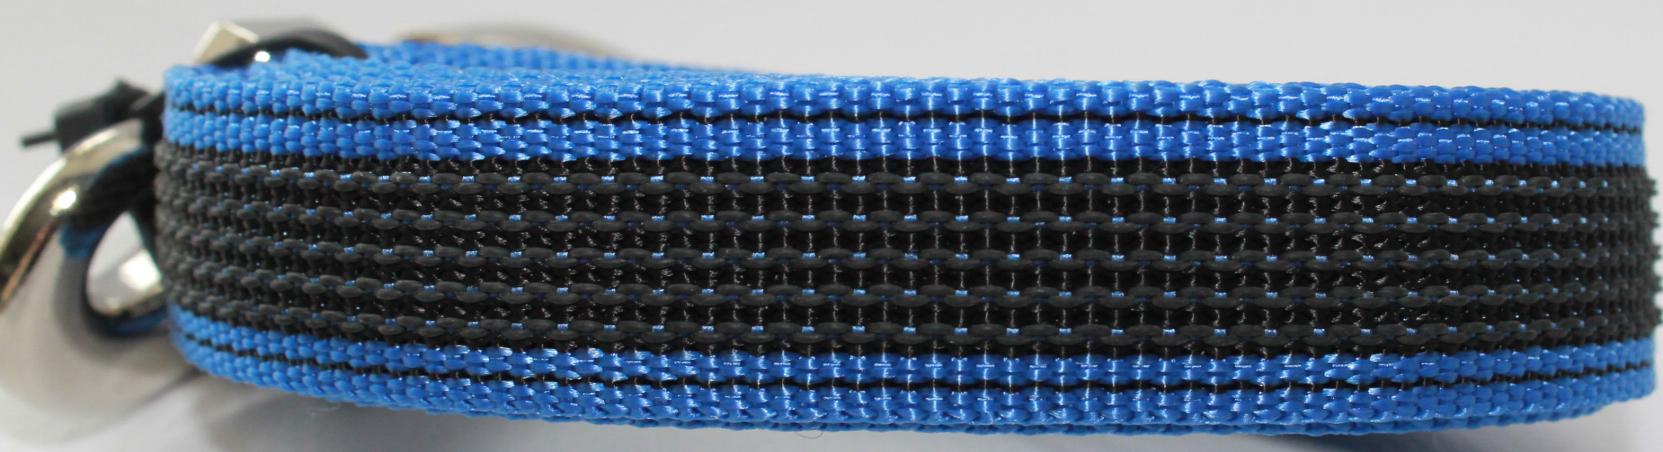 Фото - Поводок для собак Happy Friends, нескользящий, цвет: синий, ширина 2 см, длина 1,20 м боди детский luvable friends 60325 f бирюзовый р 55 61